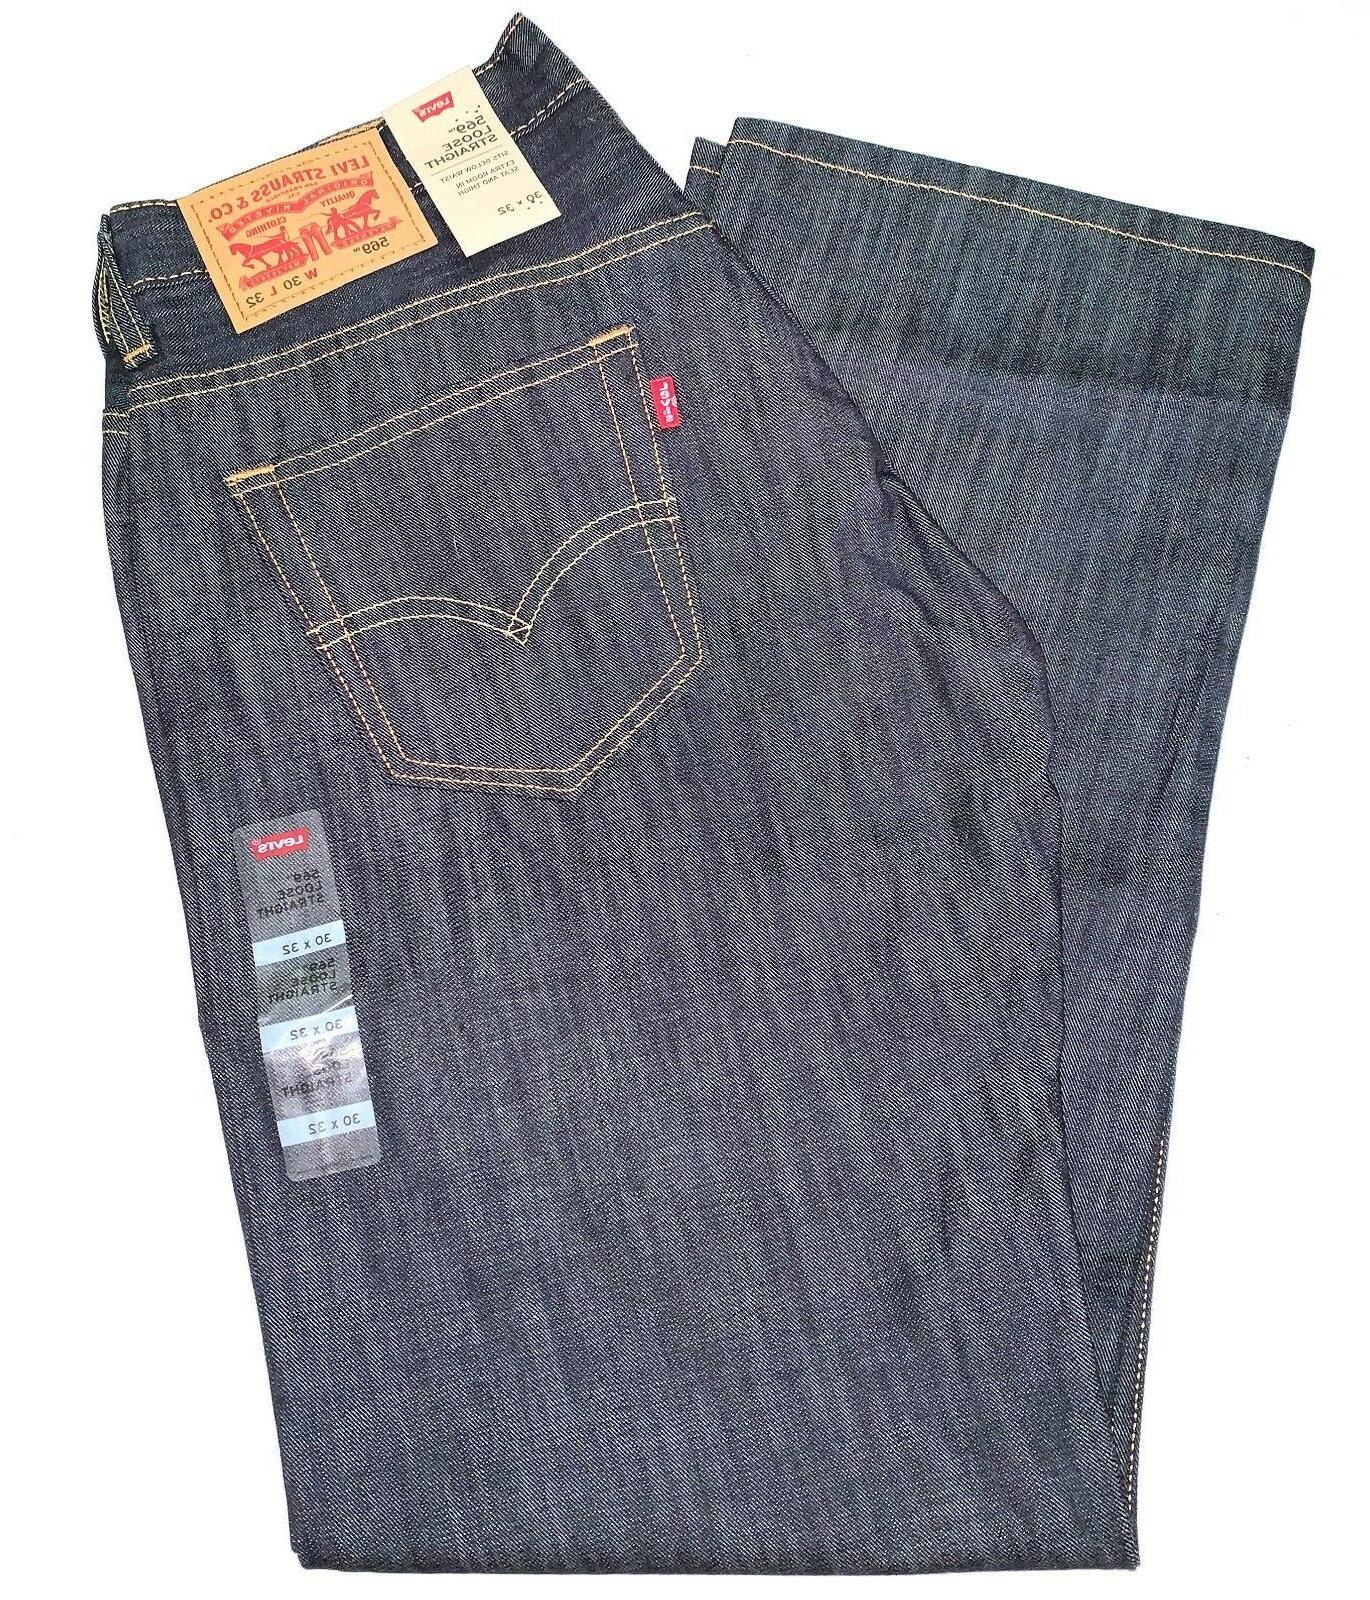 levi s 569 jeans men s loose